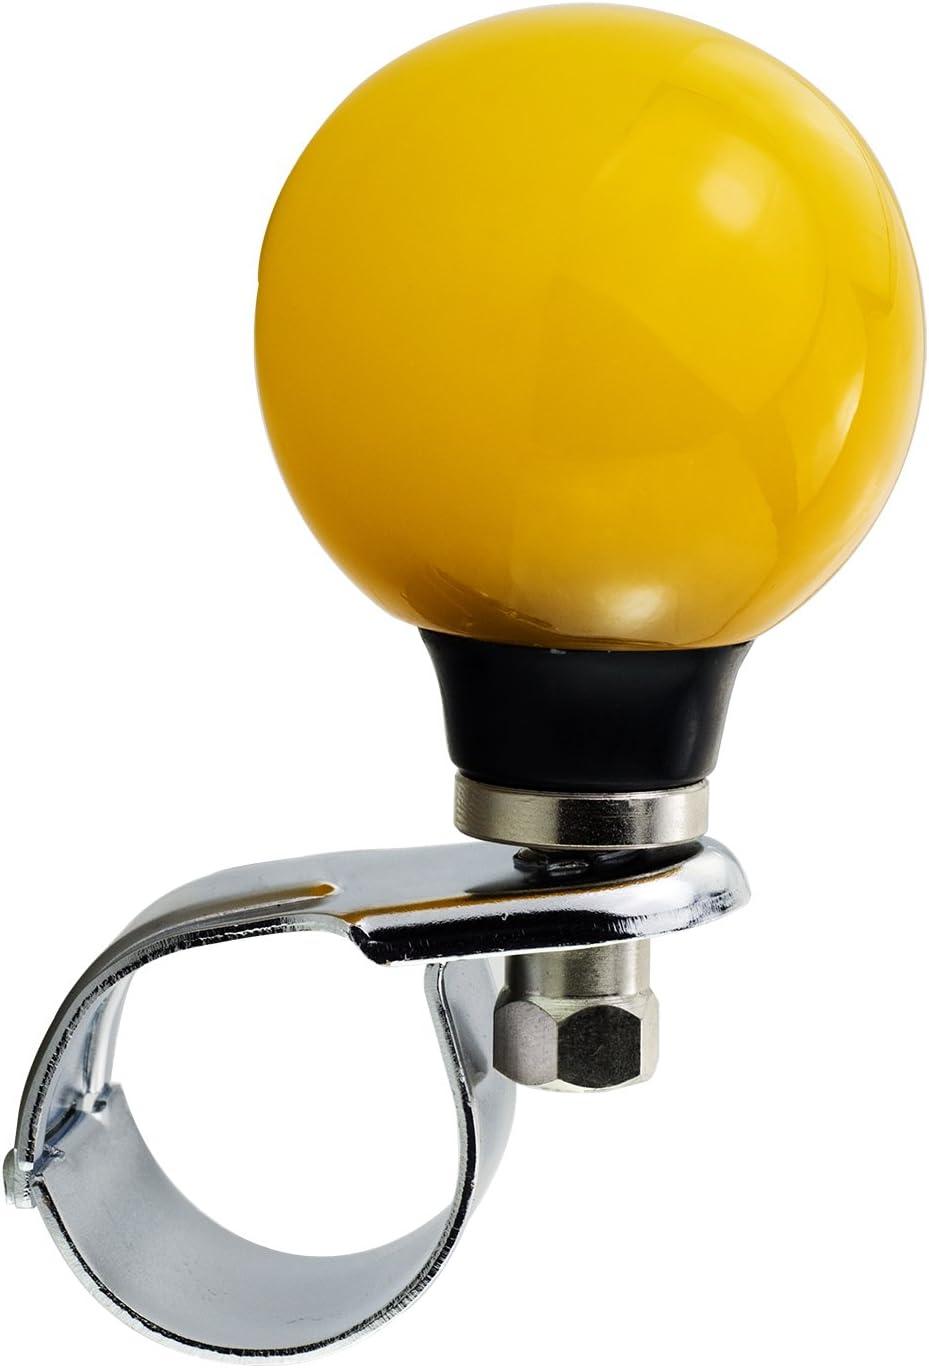 Mavota Knob for Steering Wheel Spinner for Steering Wheel for Trunk//Bus//Sedan//SUV//Ship Or More Yellow